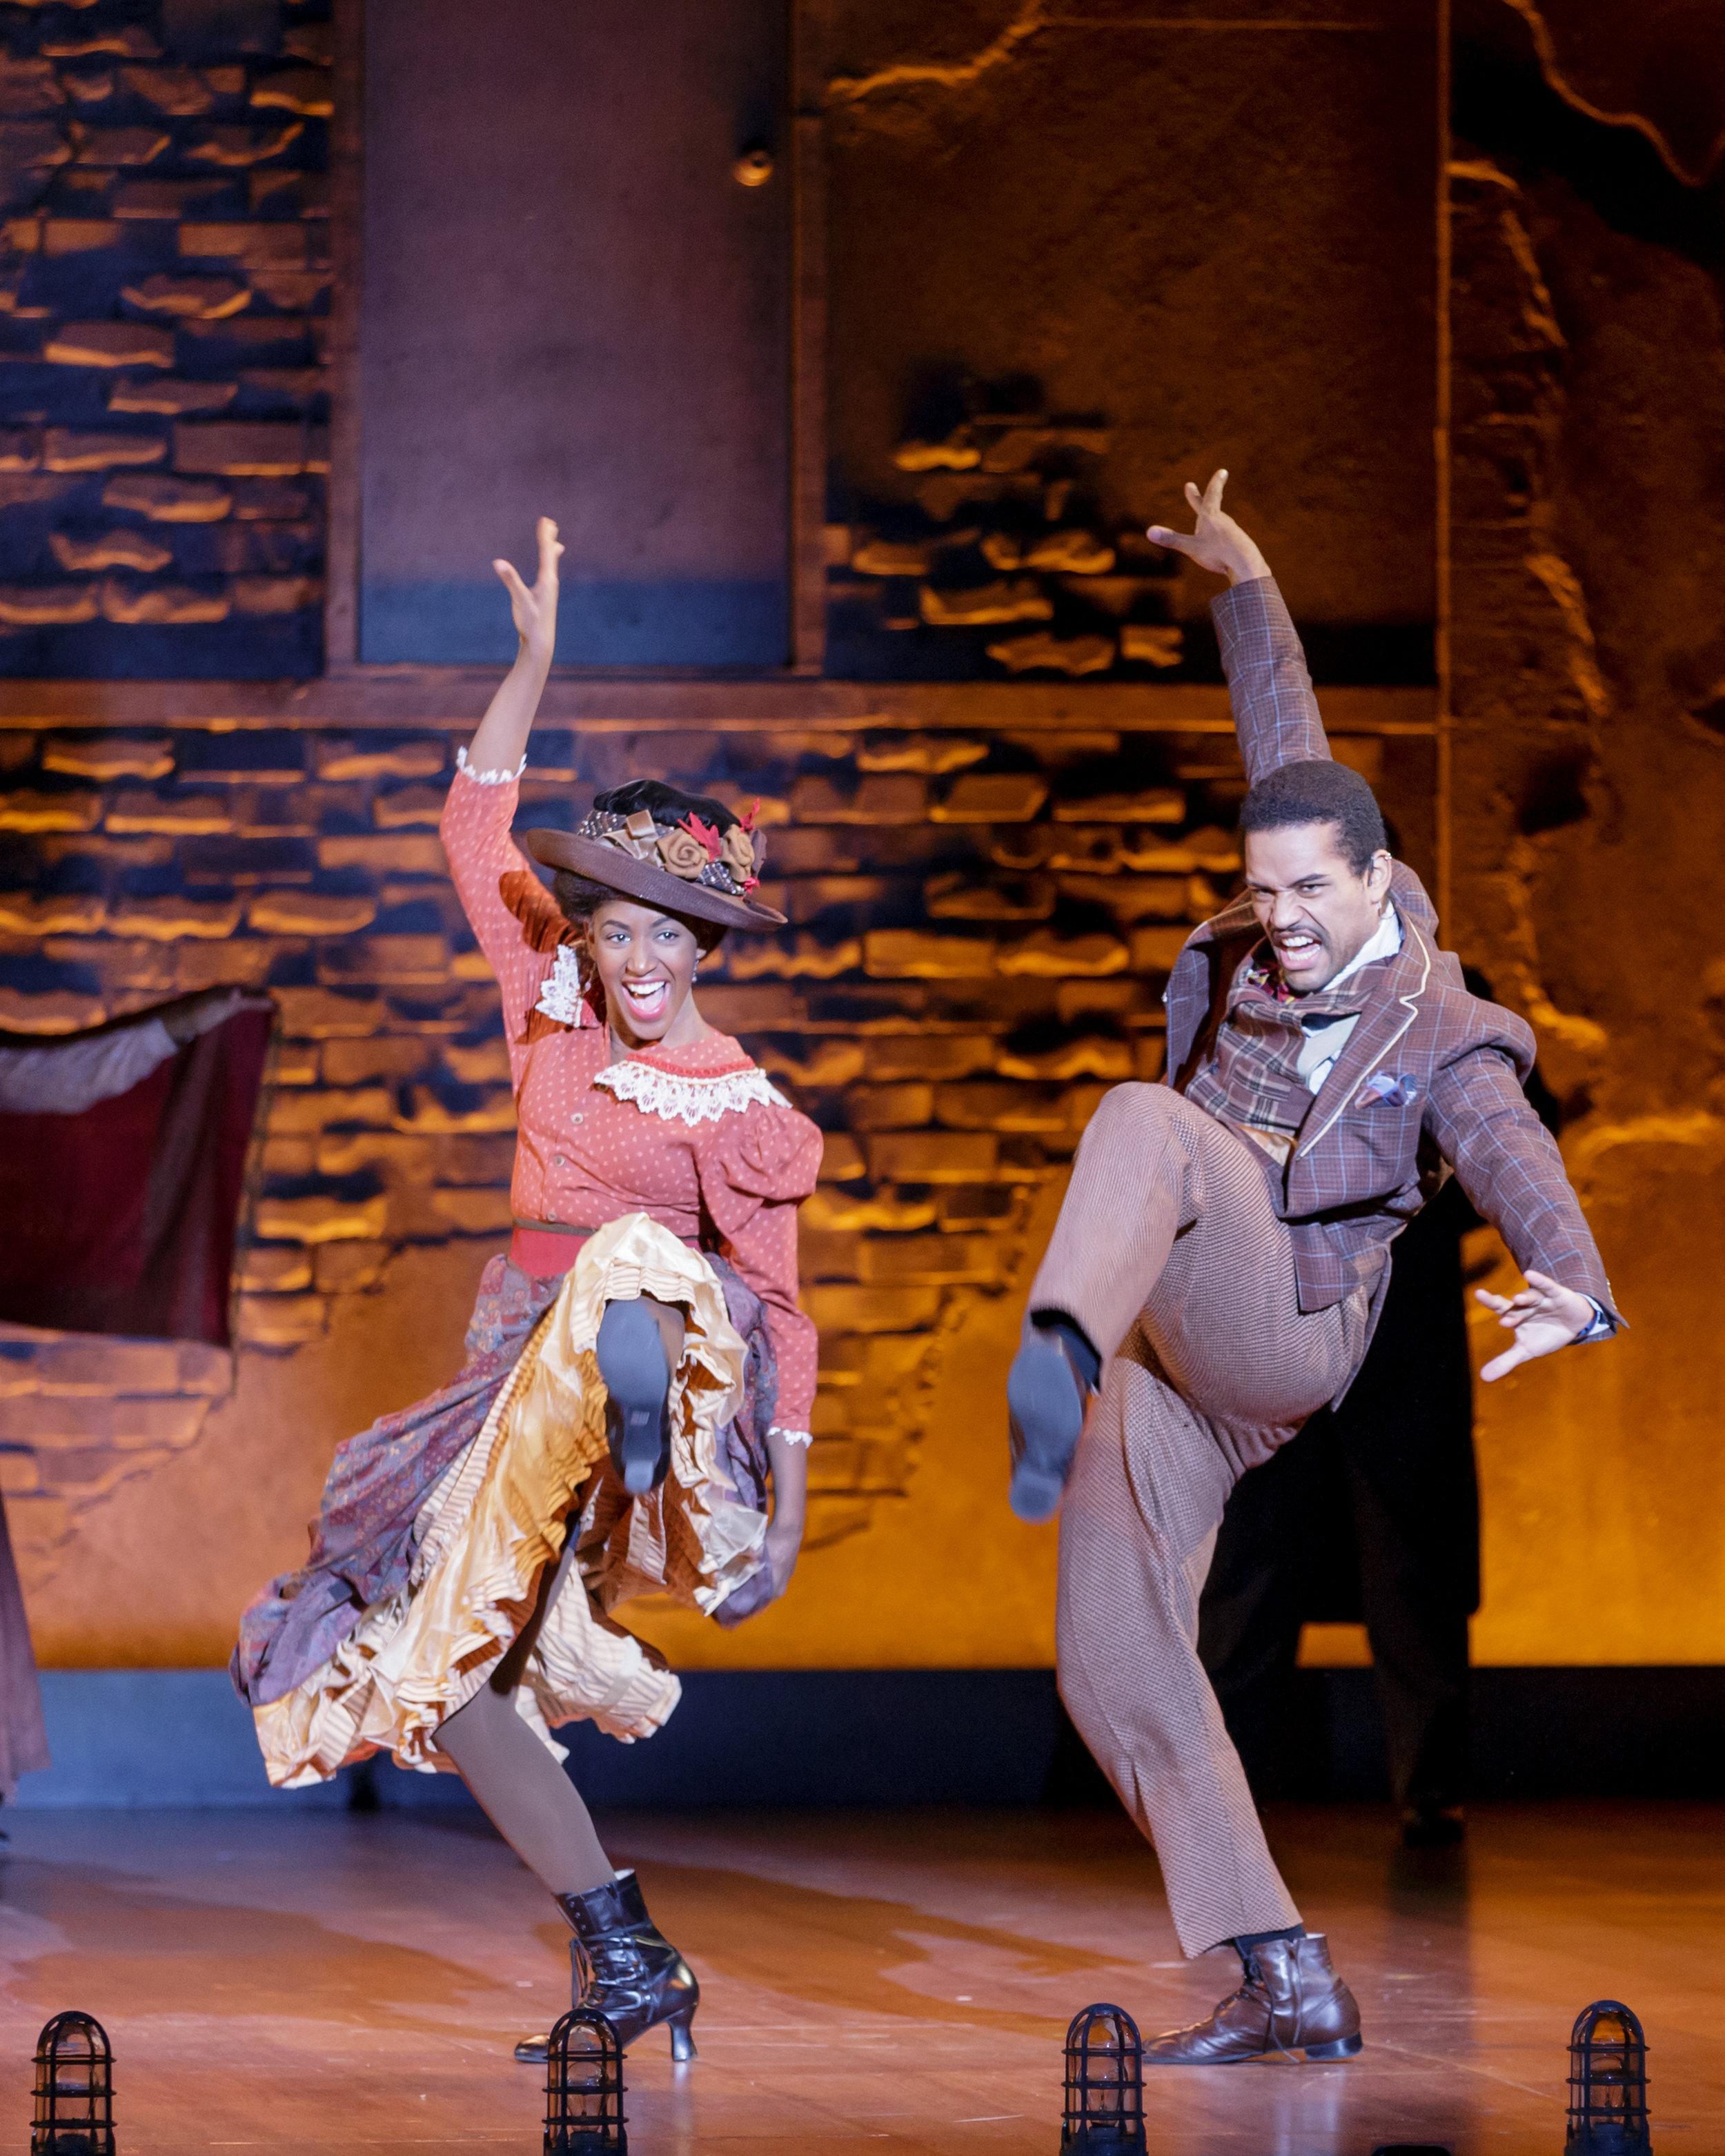 Lauren Du Pree as Harlem Woman and Richard Peacock as Harlem Man in Ragtime - Photo Credit Mark Kitaoka.jpg